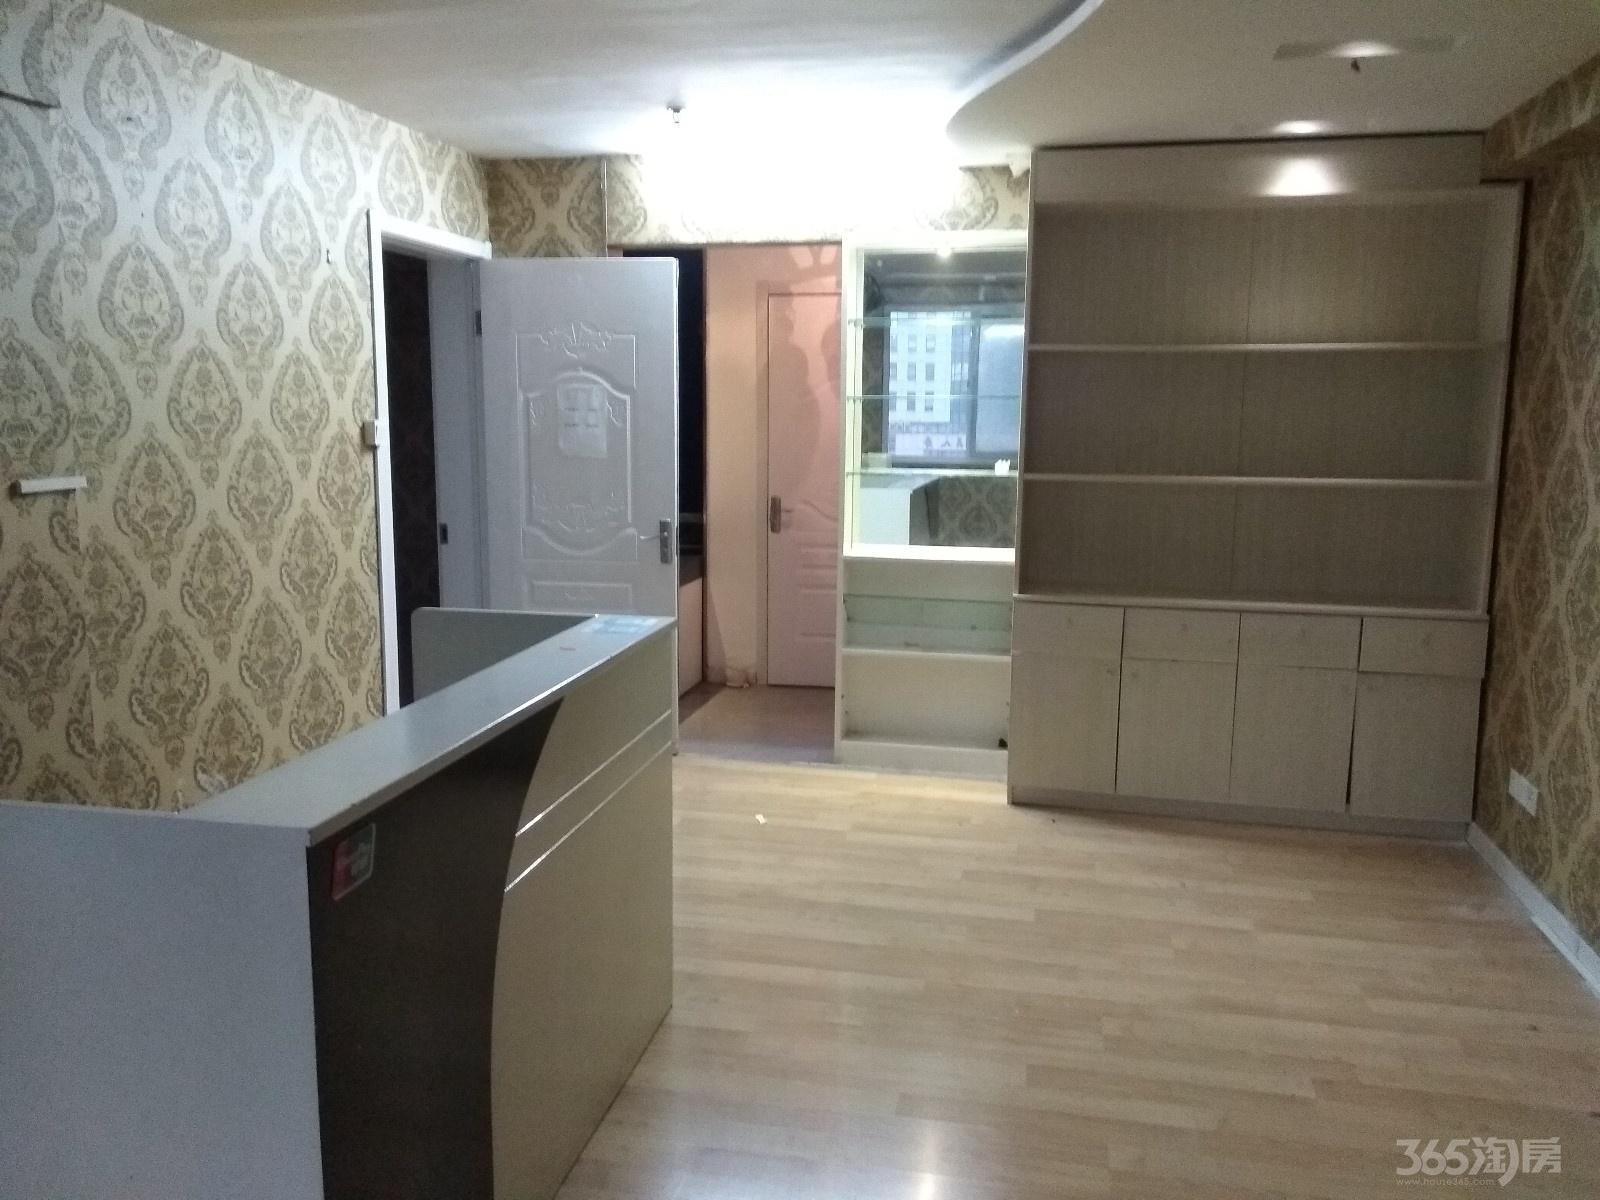 秦淮区新街口建华大厦119.00㎡精装1室1厅